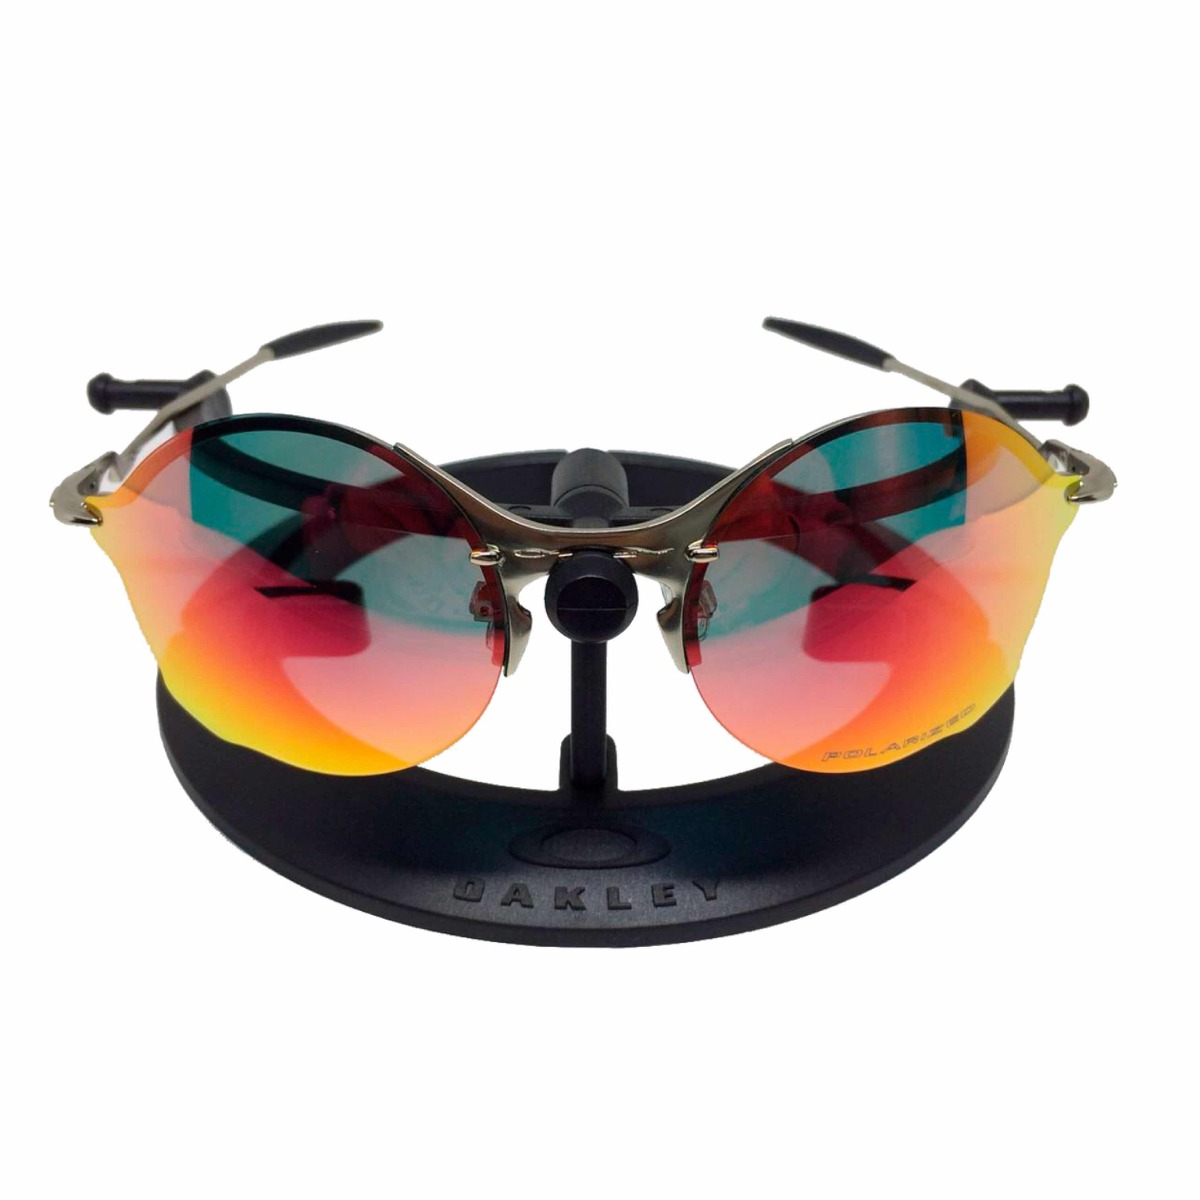 Oculos Oakley Tailend Armação Prata Lente Vermelha - R  172,00 em ... 335836e5c0